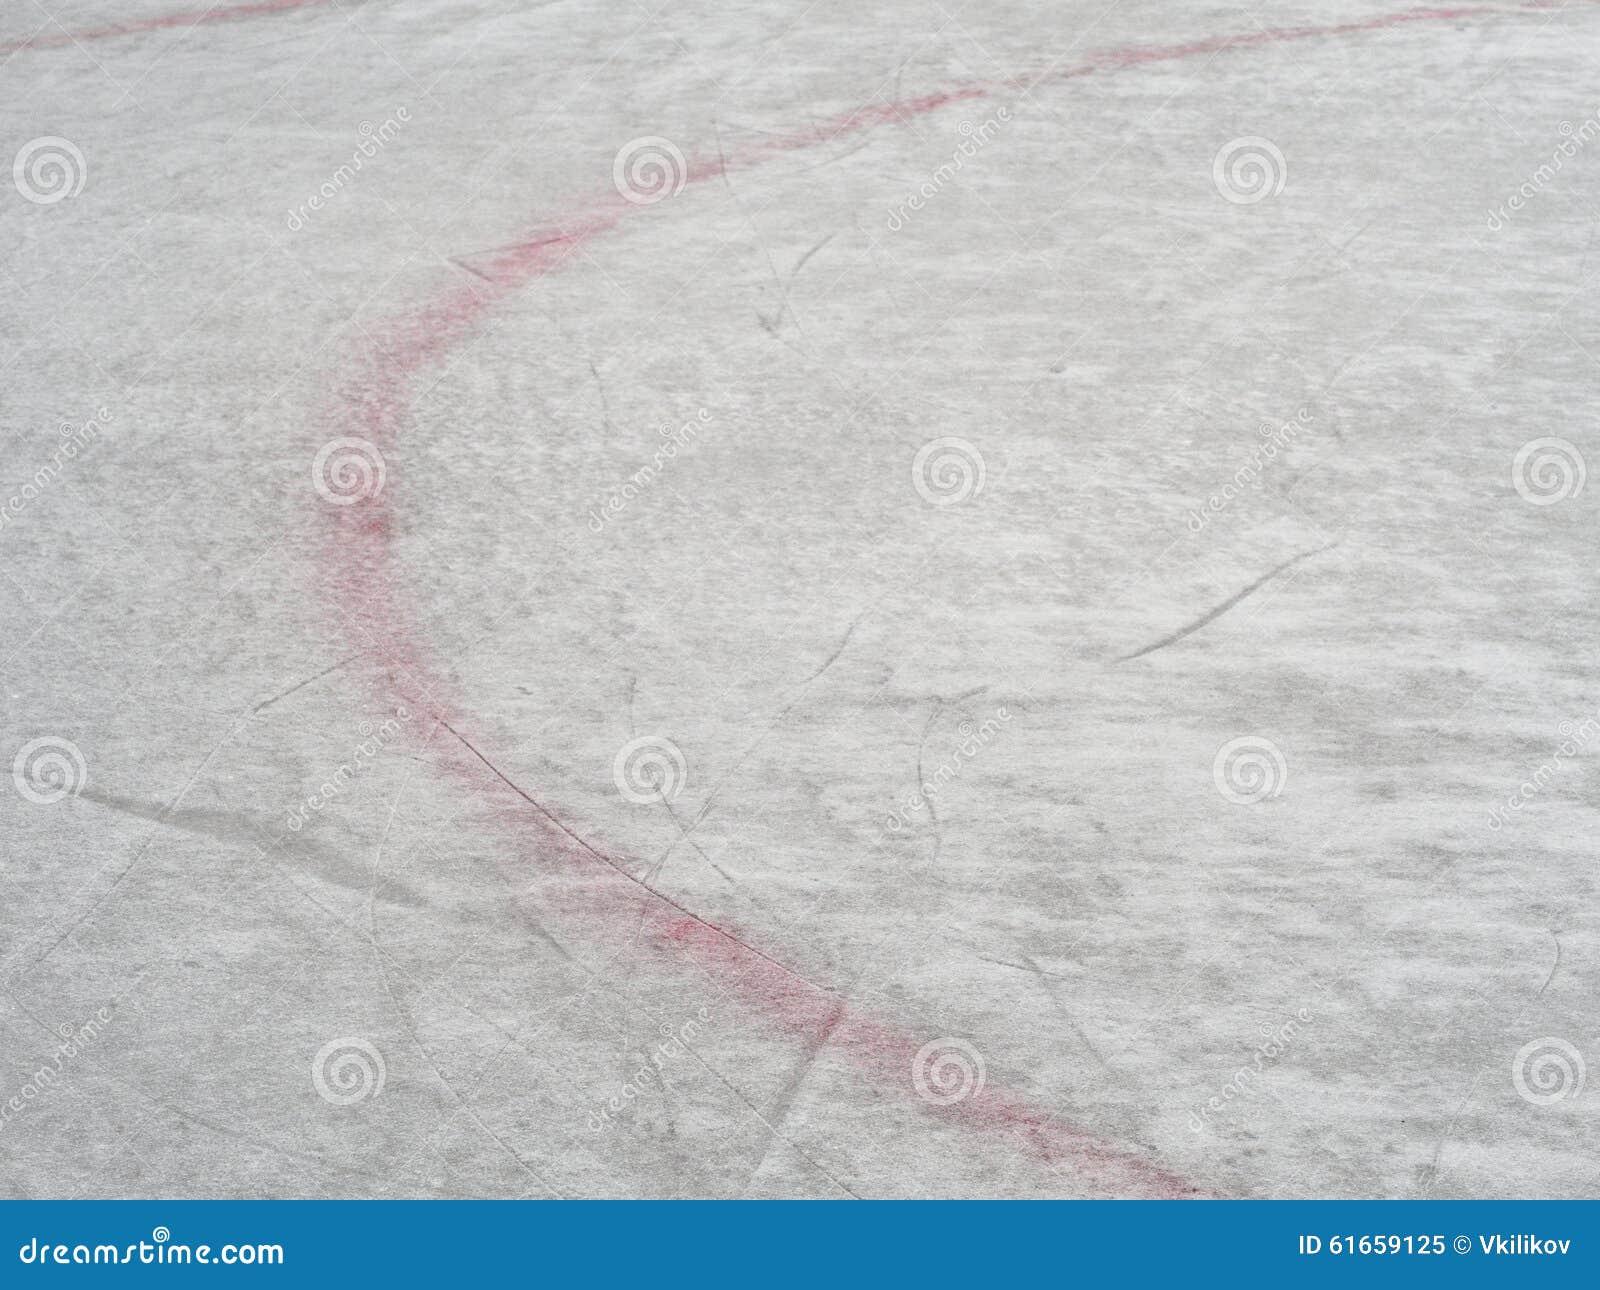 冰球场标号,冬季体育背景,纹理,墙壁